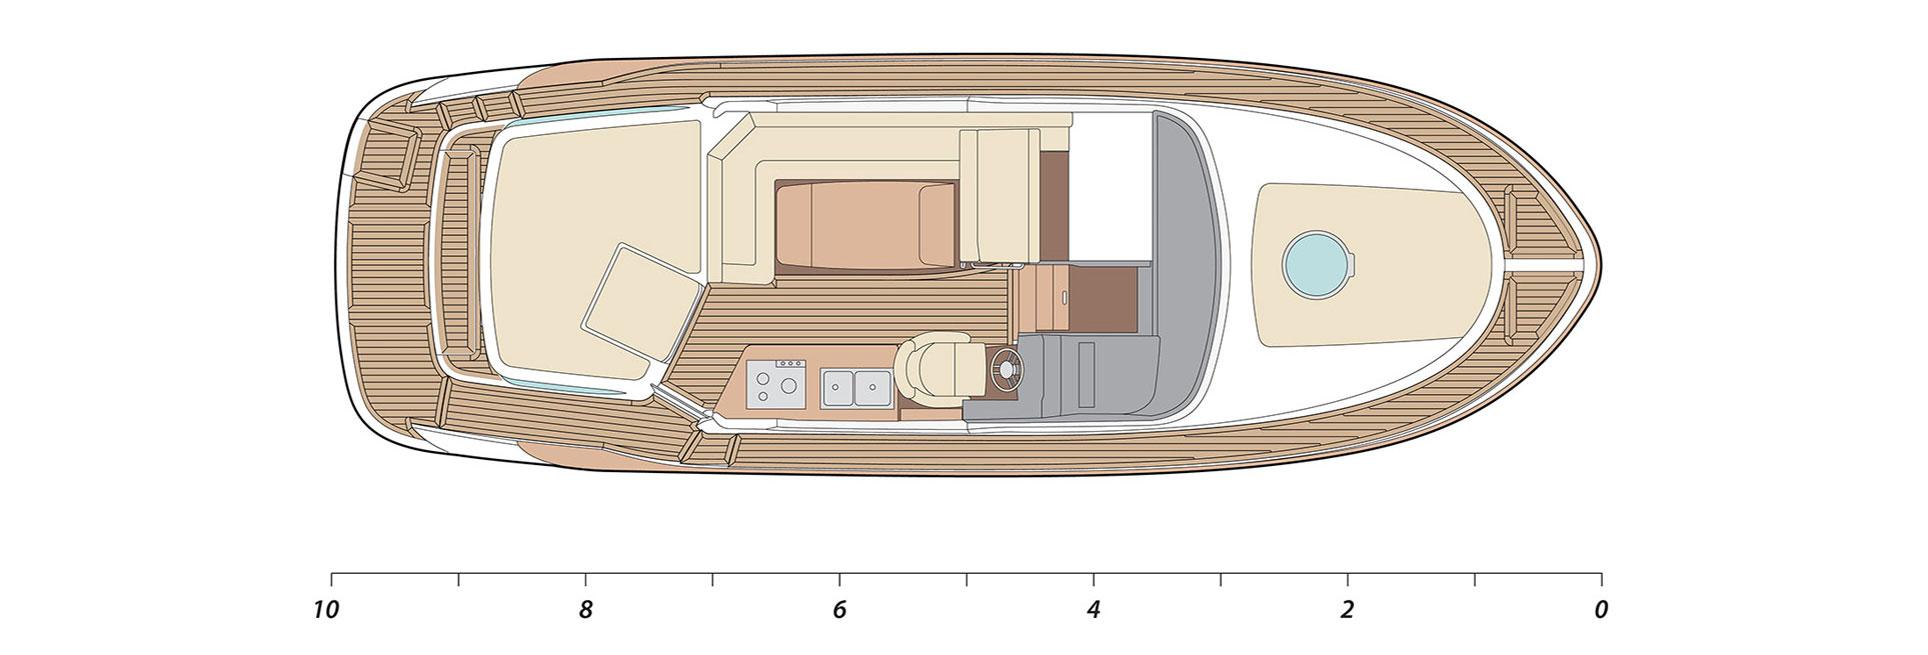 320 aft cabin cruiser marex